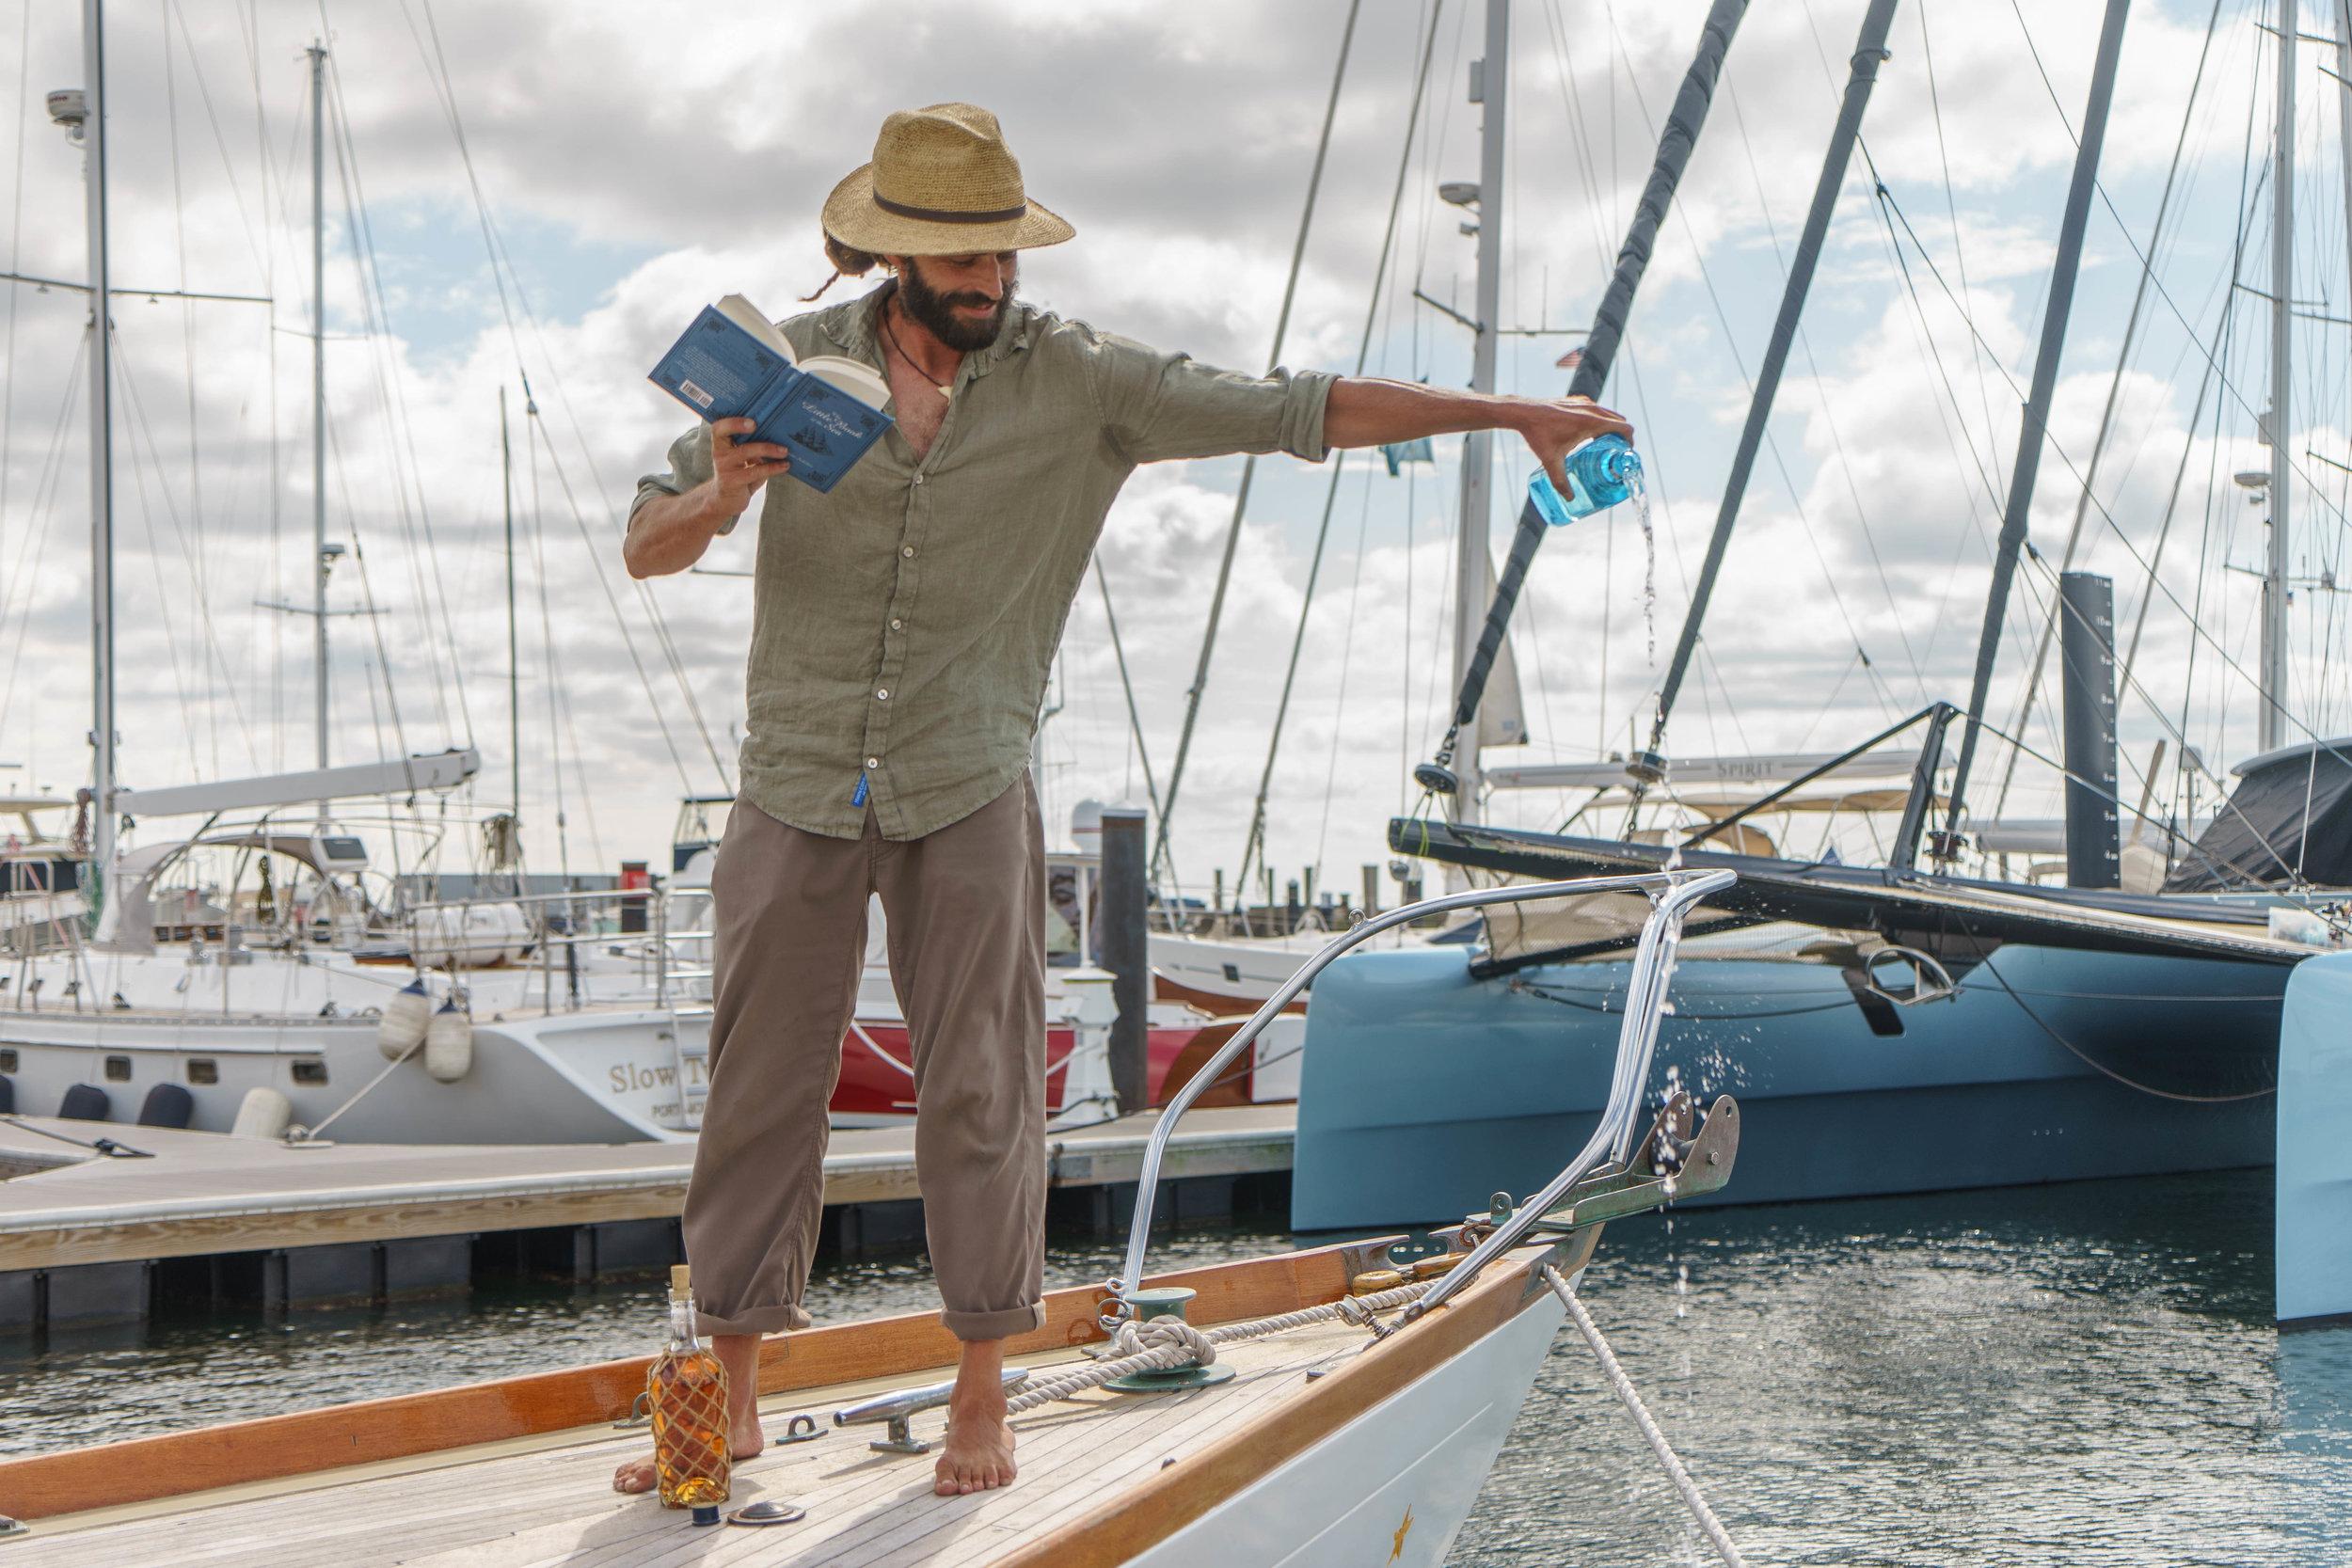 Newport Day Sailing